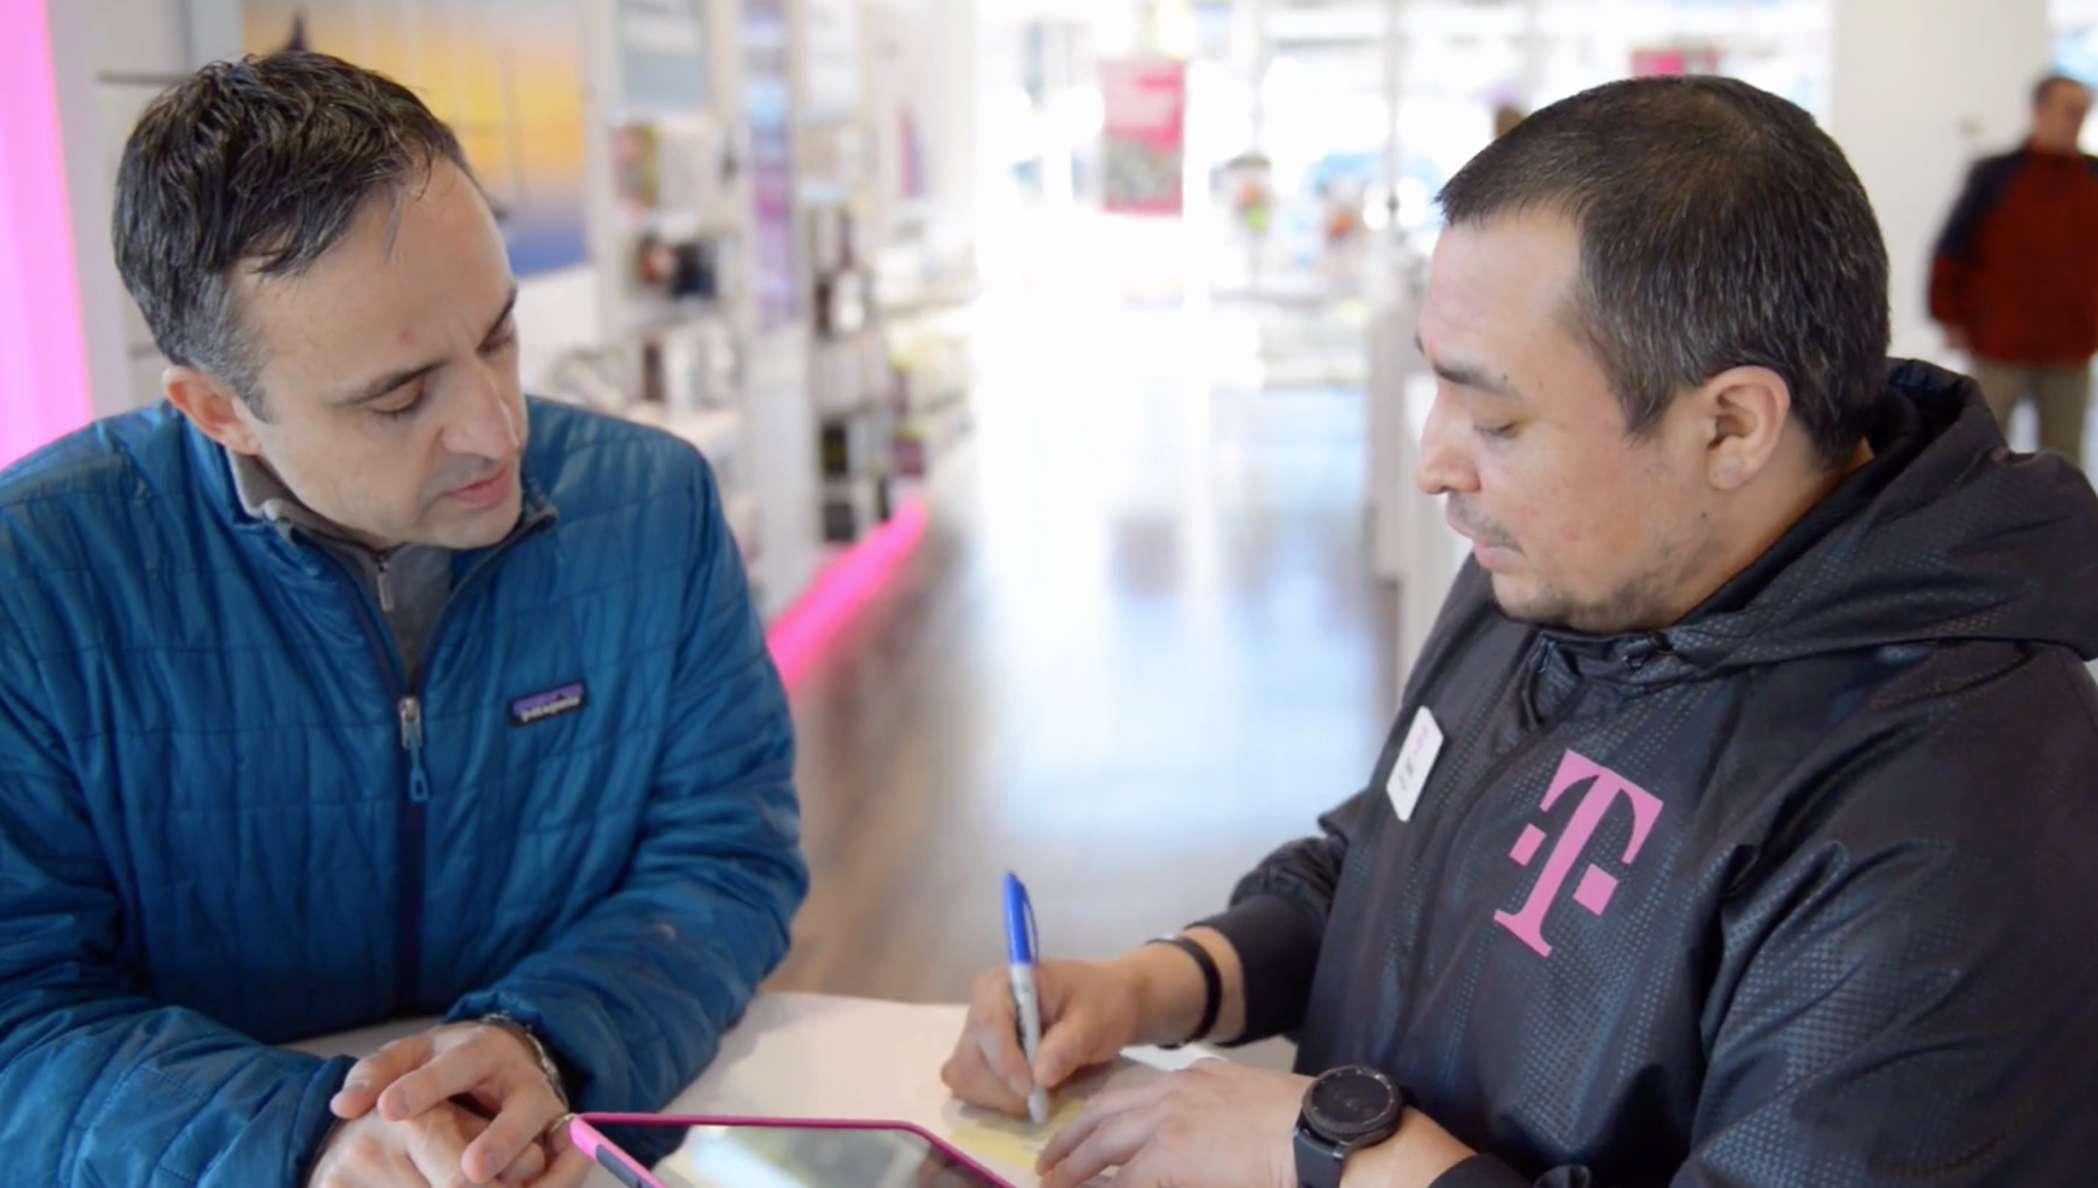 Duas pessoas em uma loja da T-Mobile trabalhando em um contrato de celular.